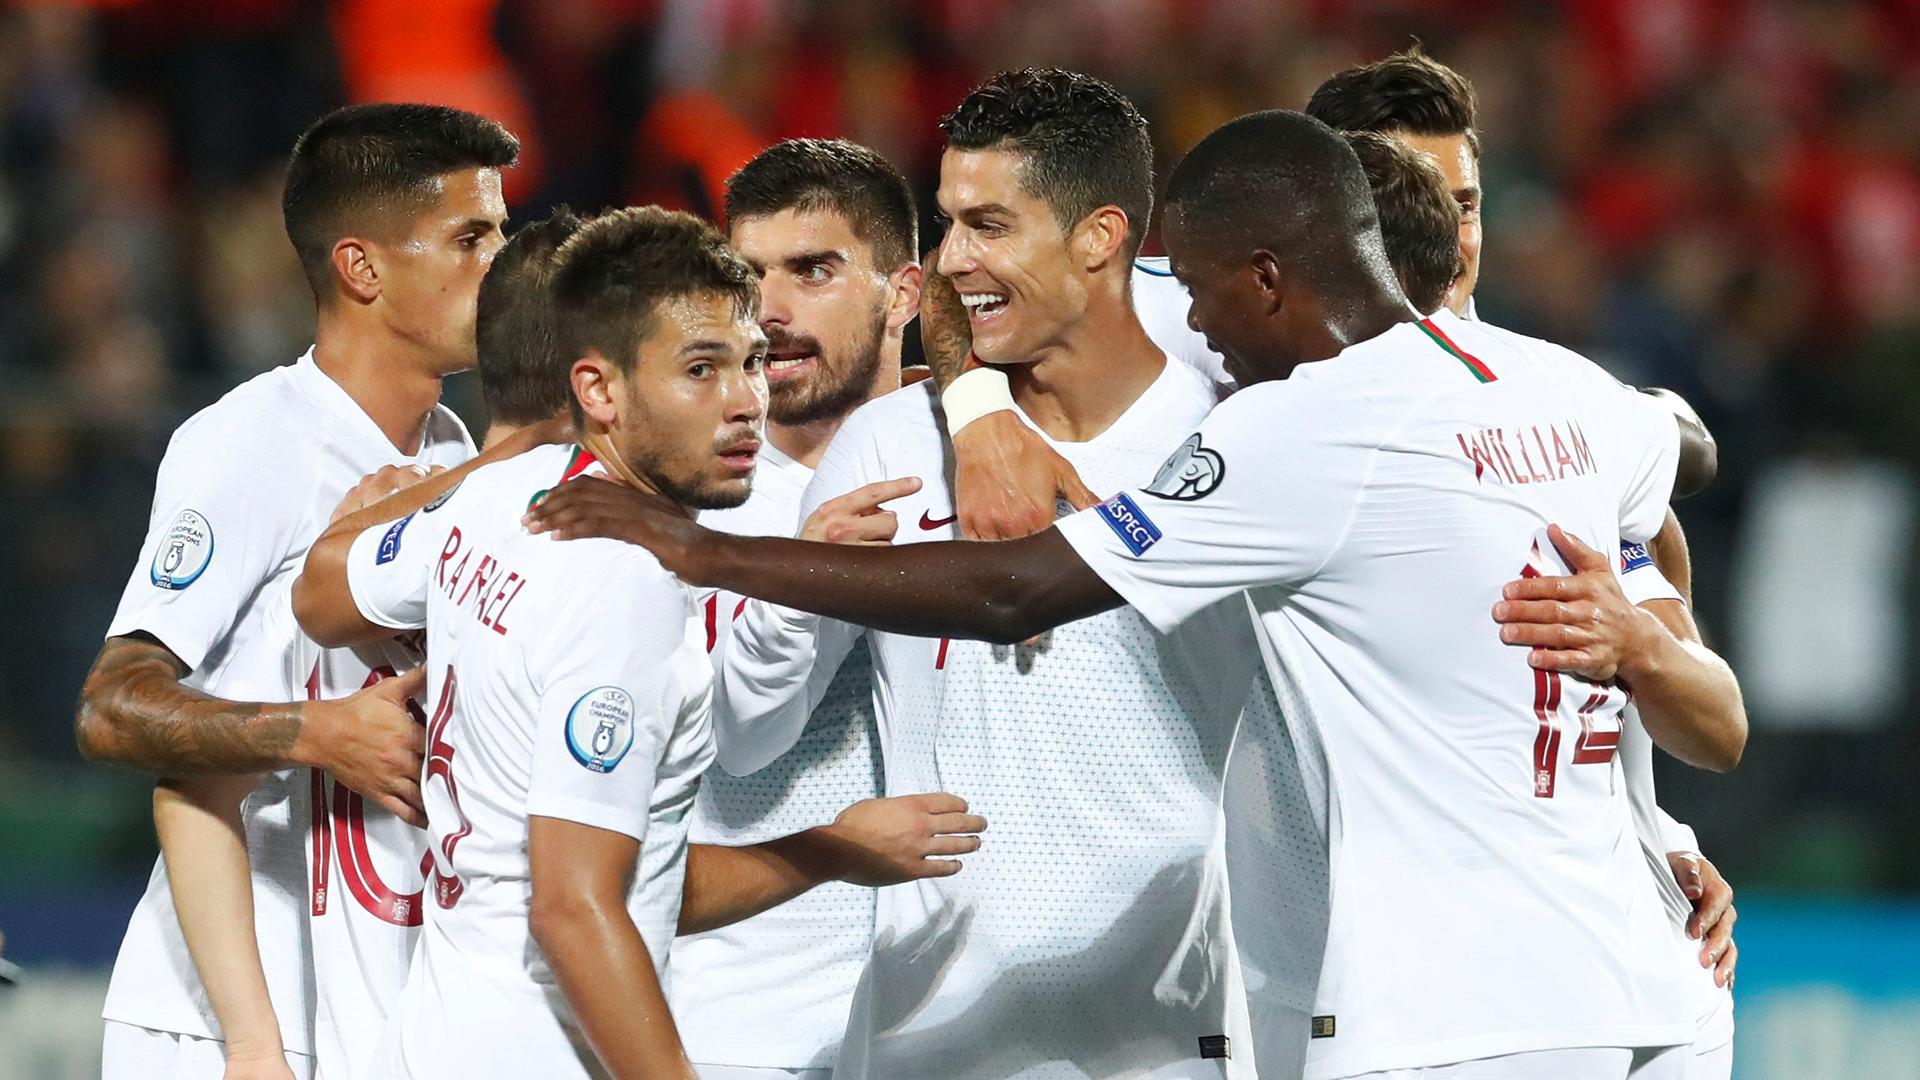 تصفيات يورو 2020 : البرتغال بطلة أوروبا تعود بفوز كبير من ليتوانيا 24